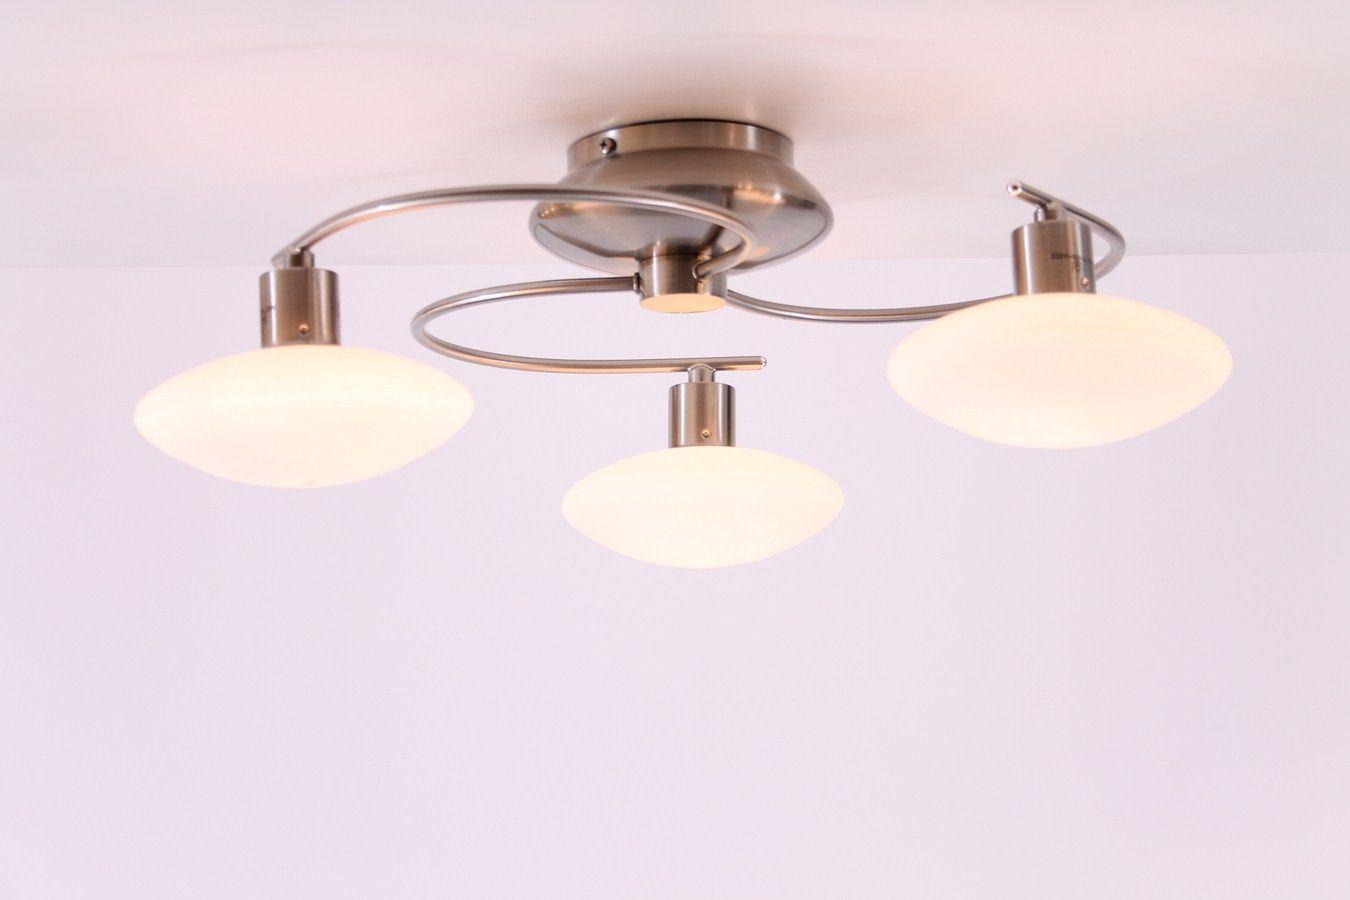 Lampen Plafondlamp Incl 3 X 40 Watt G9 Halogeen 230 Volt Plafondlamp 3 X Rond Glas Plafondlamp Mit Bildern Lampen